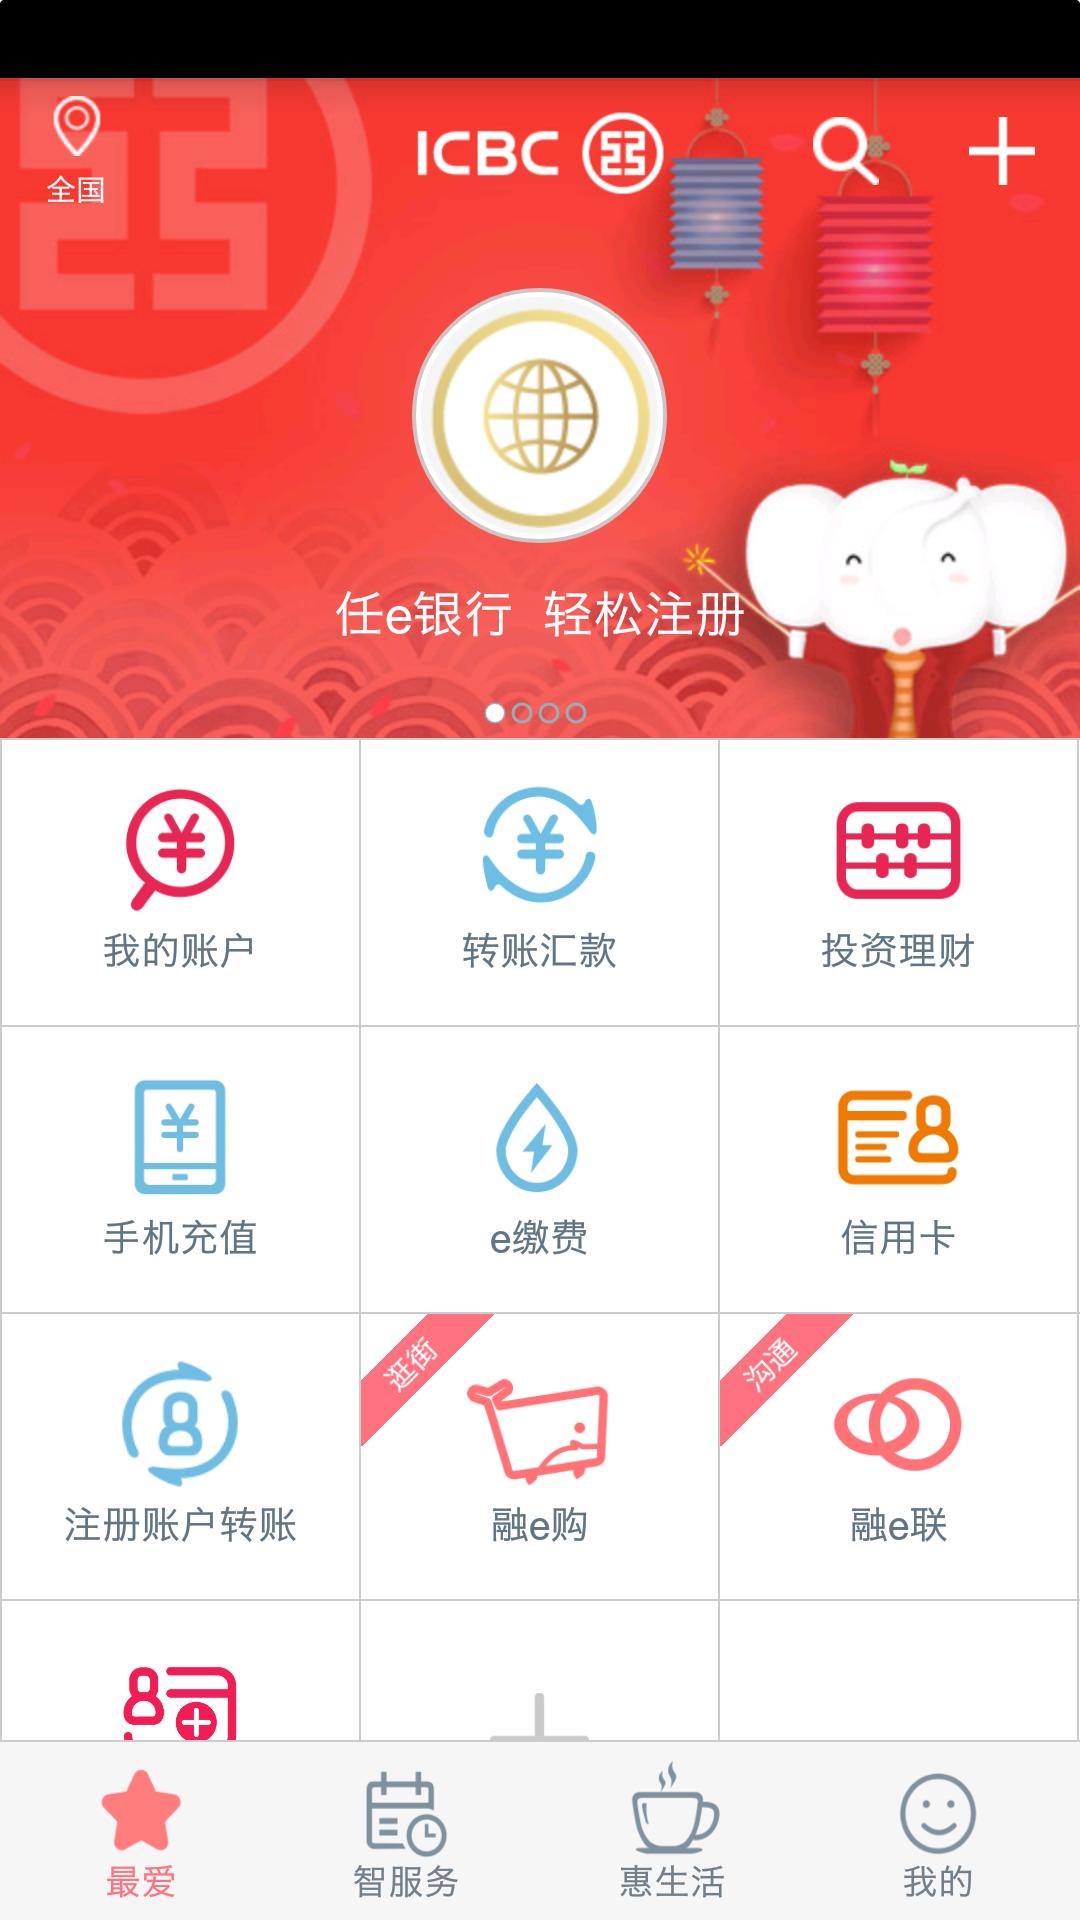 中国工商银行手机银行下载app客户端  v3.1.0.4.0图3